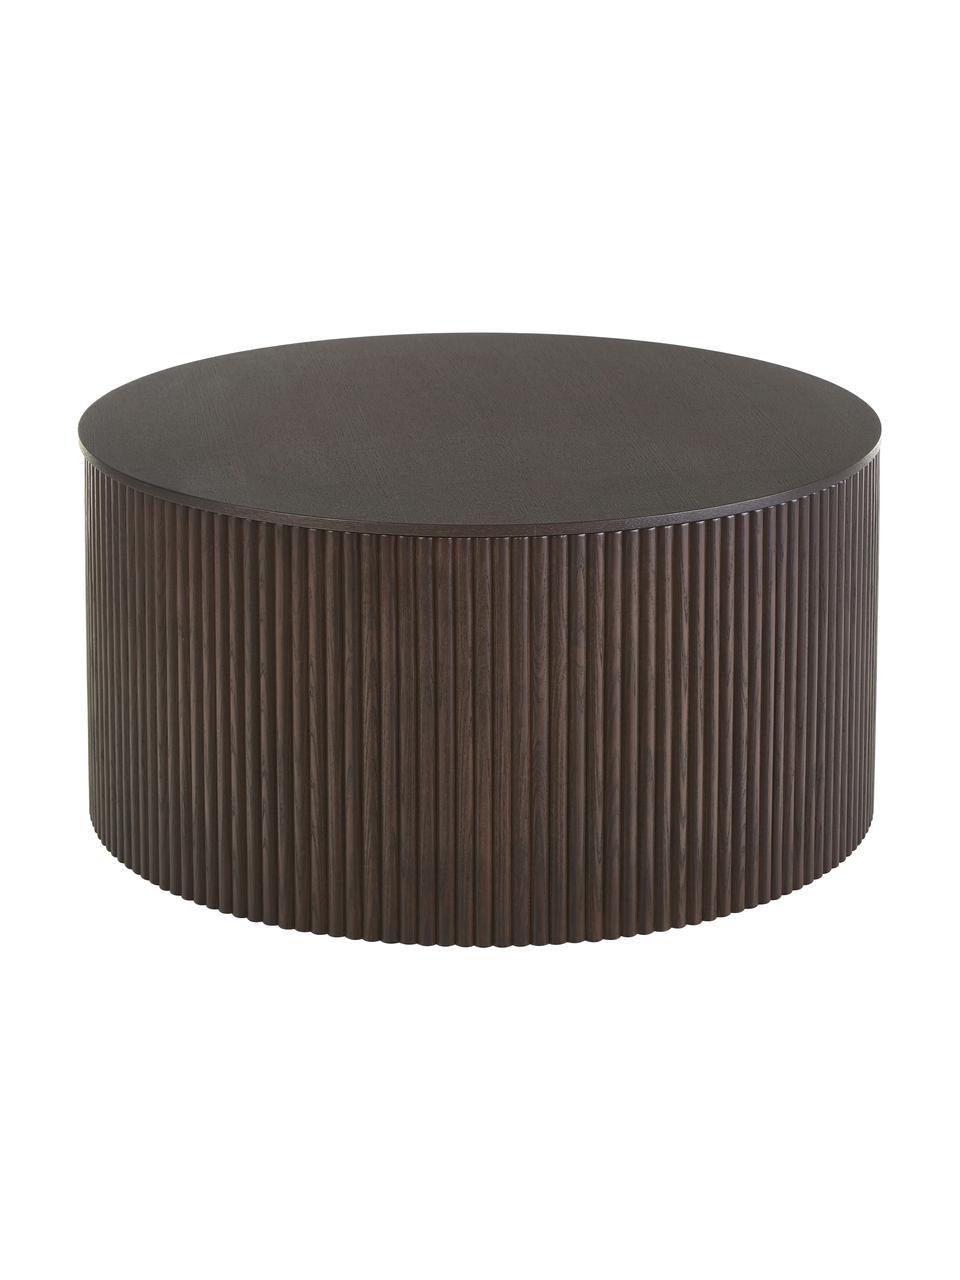 Stolik kawowy z drewna i miejscem do przechowywania Nele, Płyta pilśniowa (MDF) z fornirem z drewna jesionowego, Brązowy, Ø 70 x W 36 cm